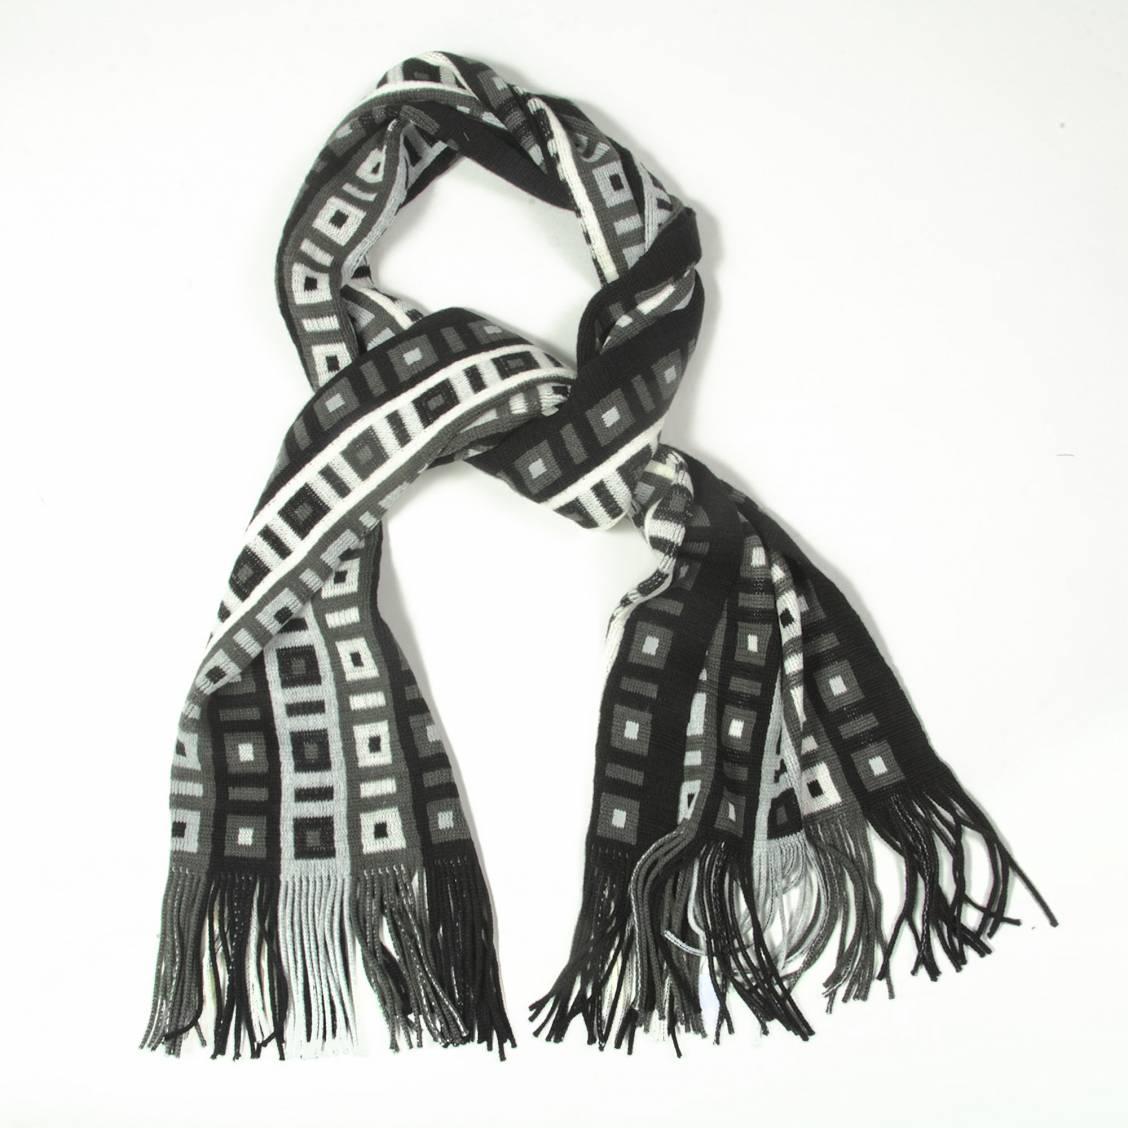 Echarpe à franges à motifs carré noirs, gris et blancs. Marque devêtements et accessoires pour homme, Touche finale a